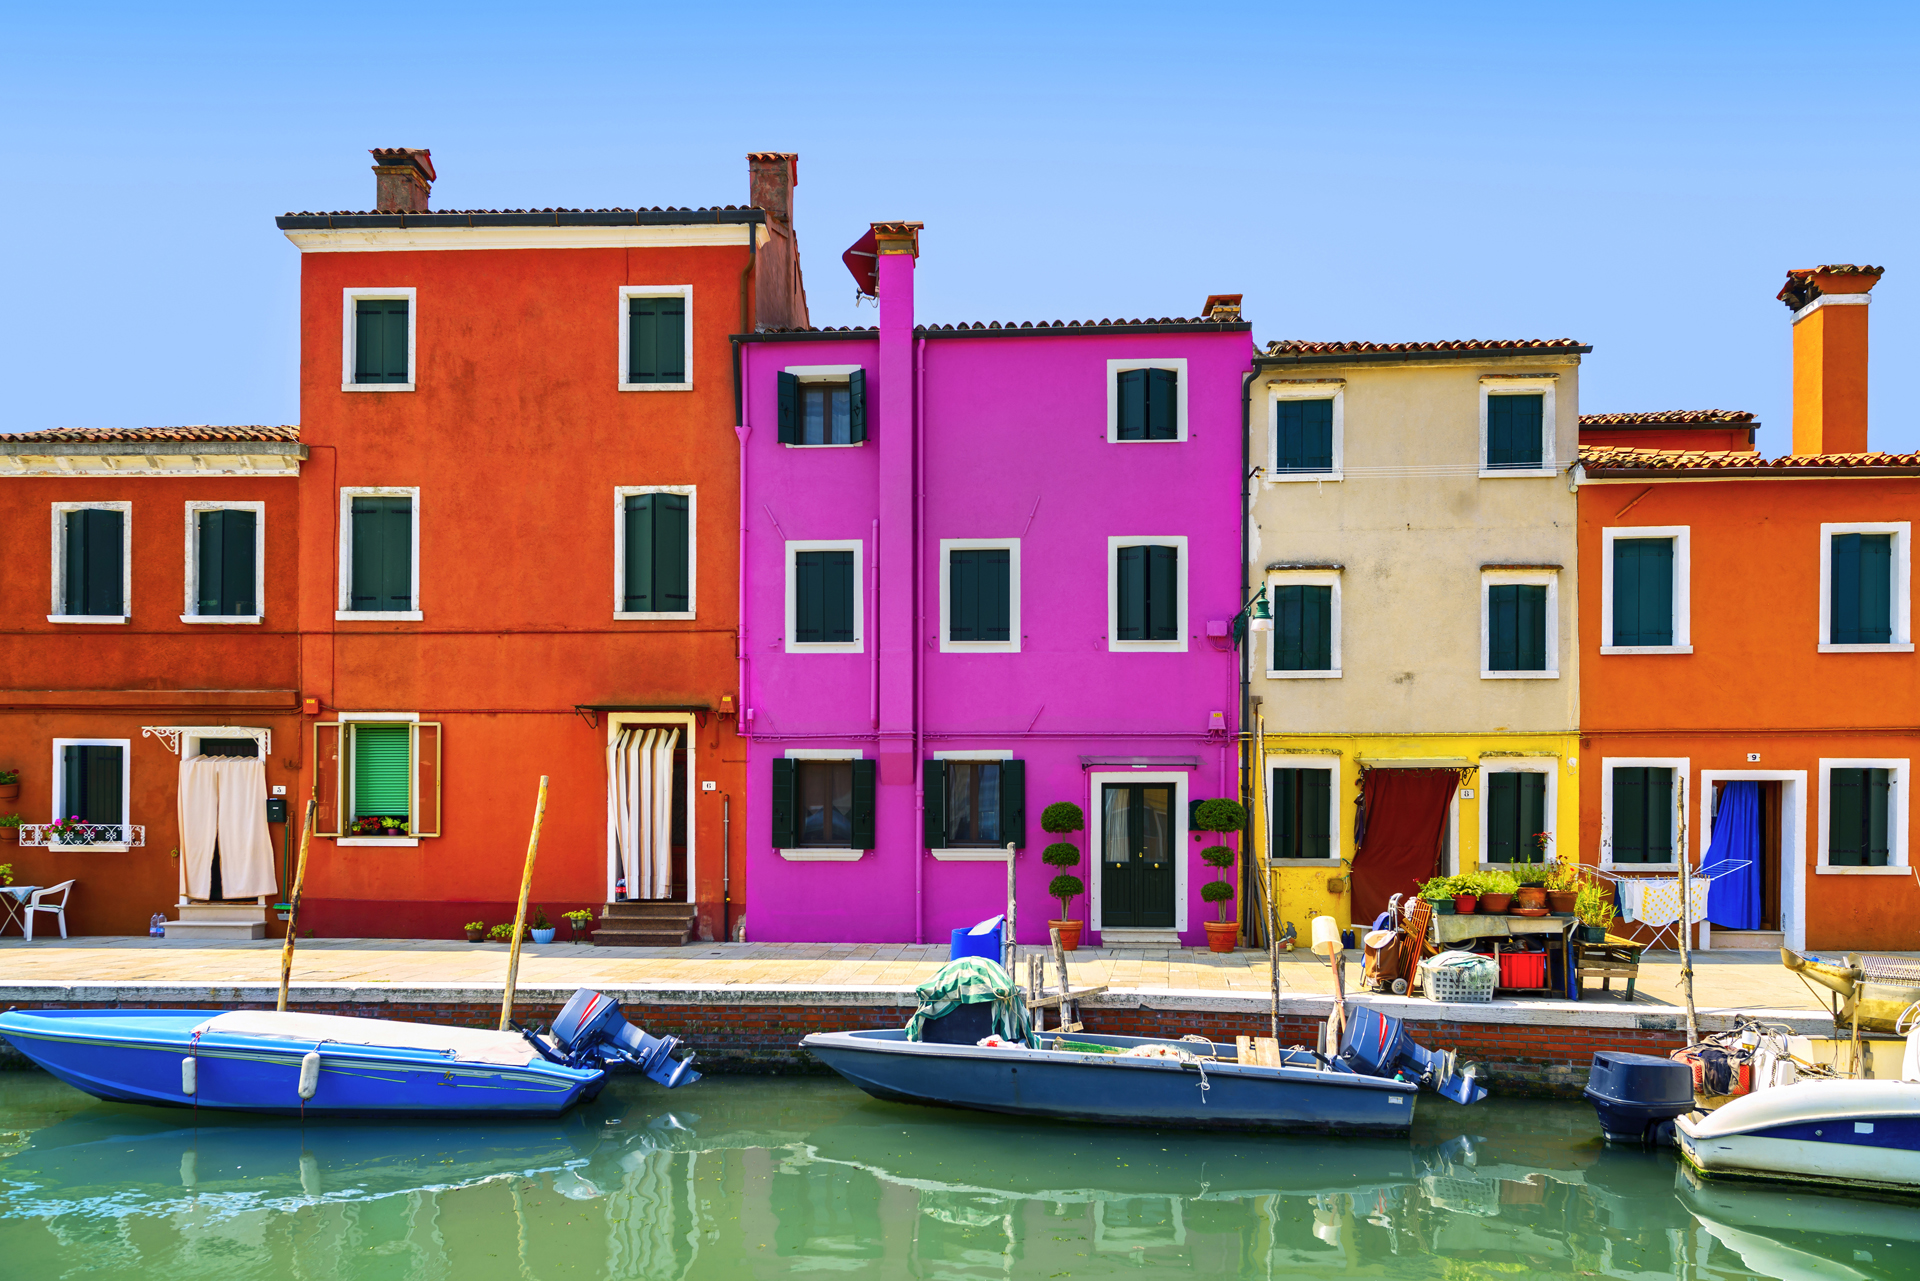 La isla a 7 km de Venecia se destaca por sus fachadas de colores y es famosa por la producción y excelencia de encaje en hilo. De la ciudad de las góndolas se puede acceder a esta pequeña en vaporetto en 20 minutos (iStock)